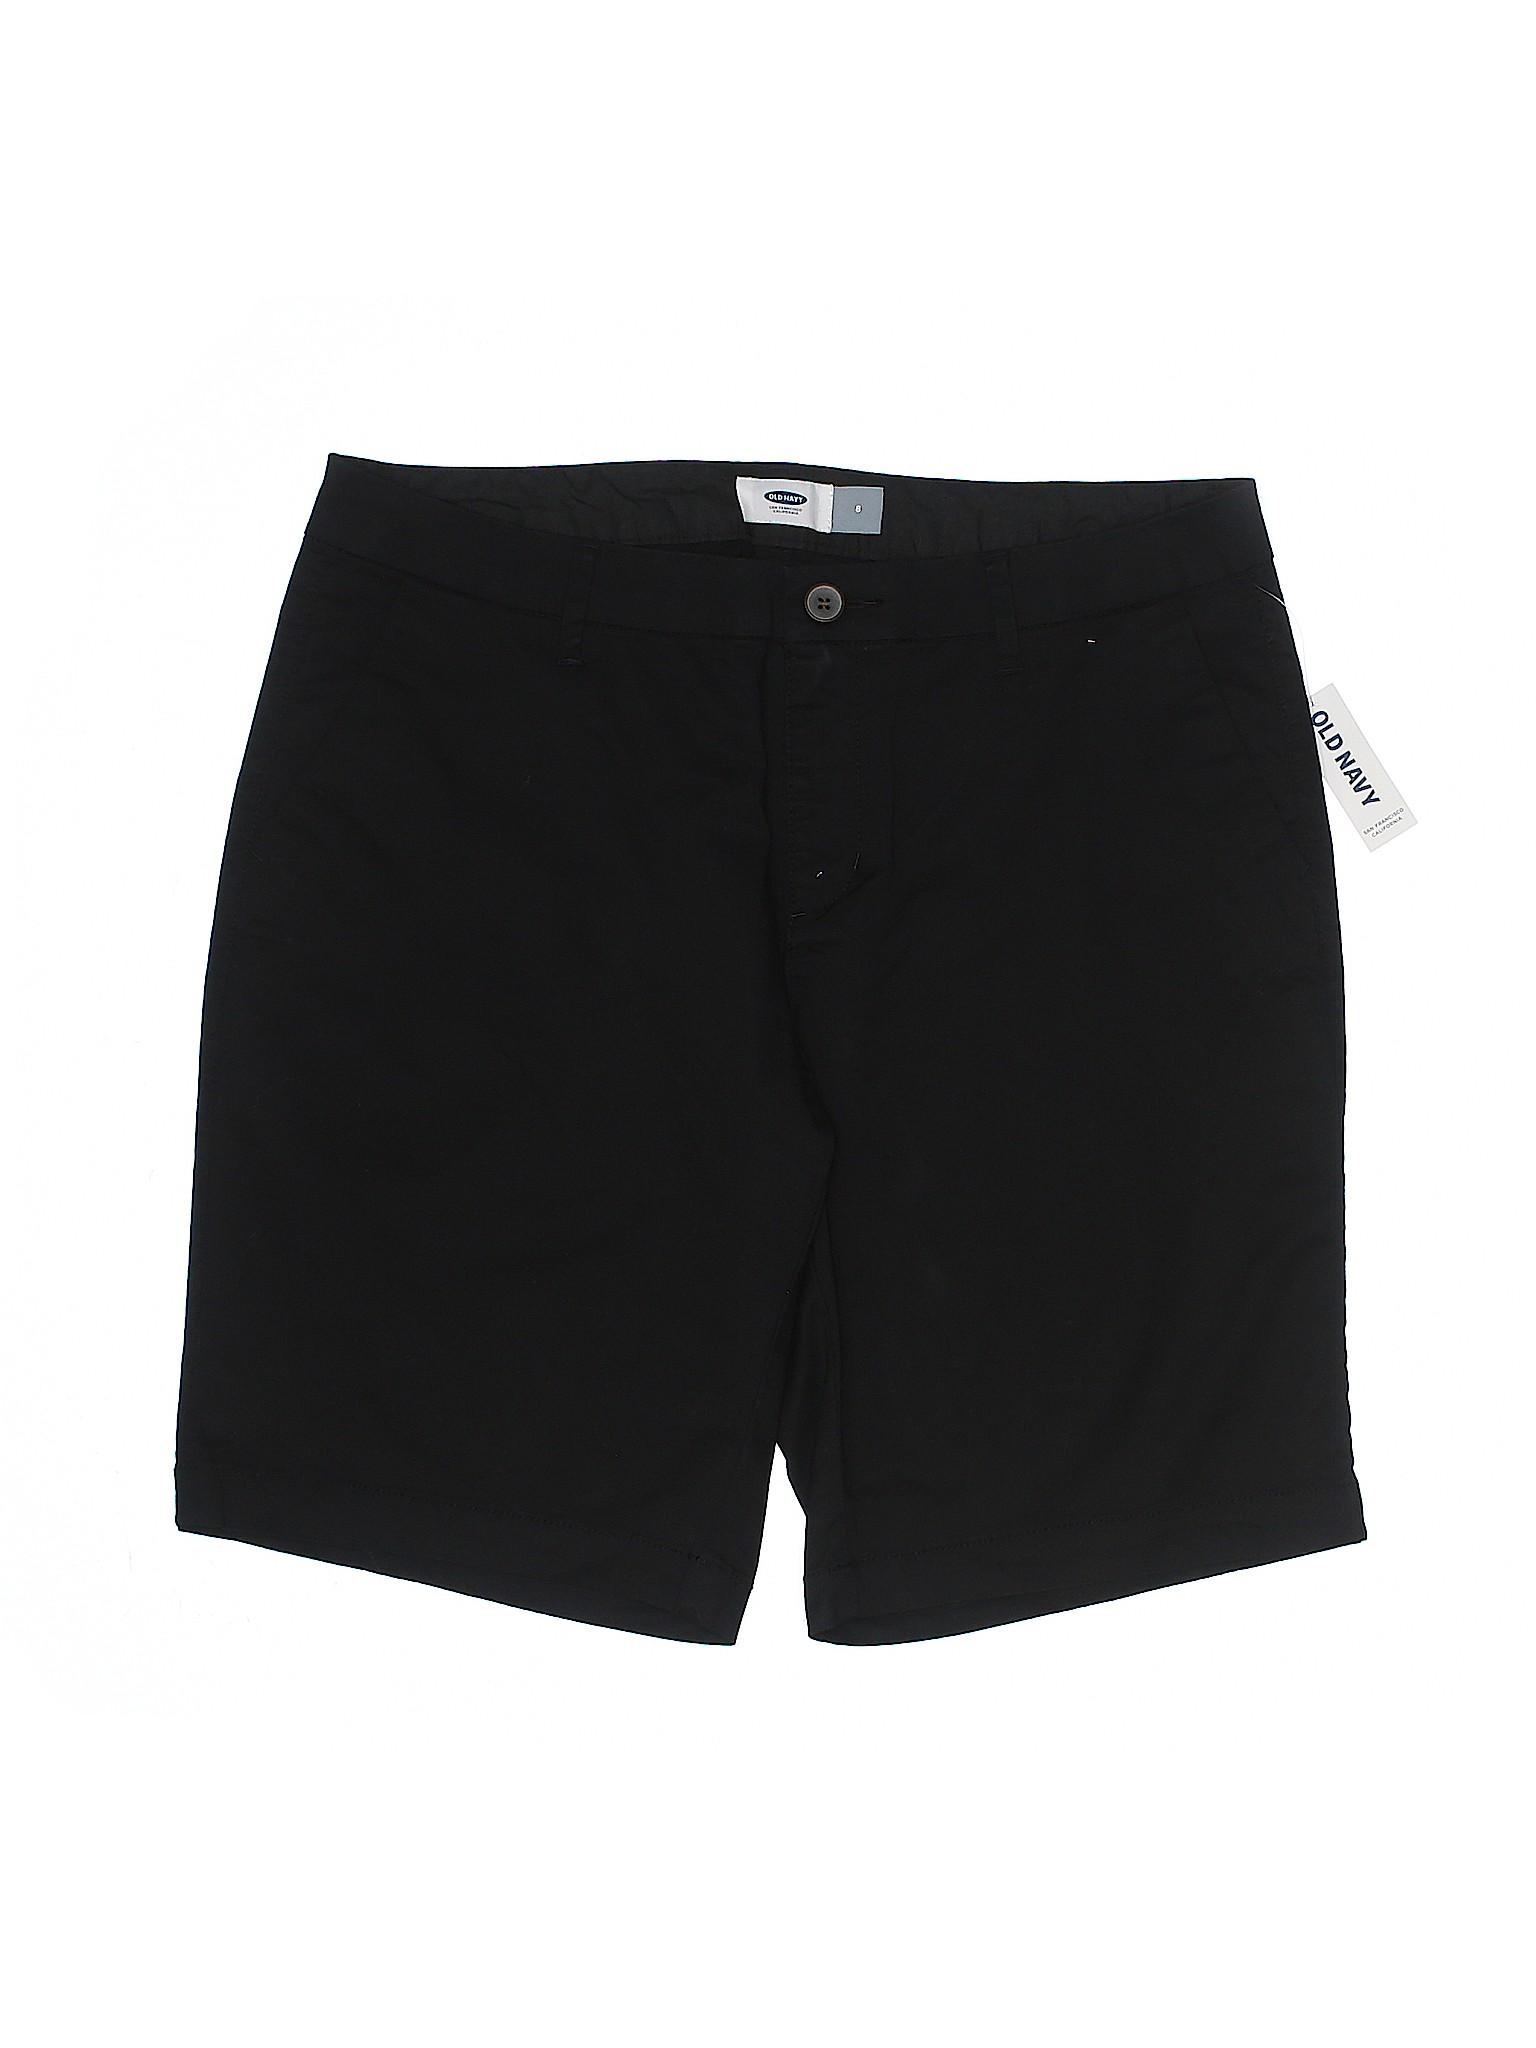 Boutique Boutique Shorts Navy Old Khaki Navy Old FvqxndUwE